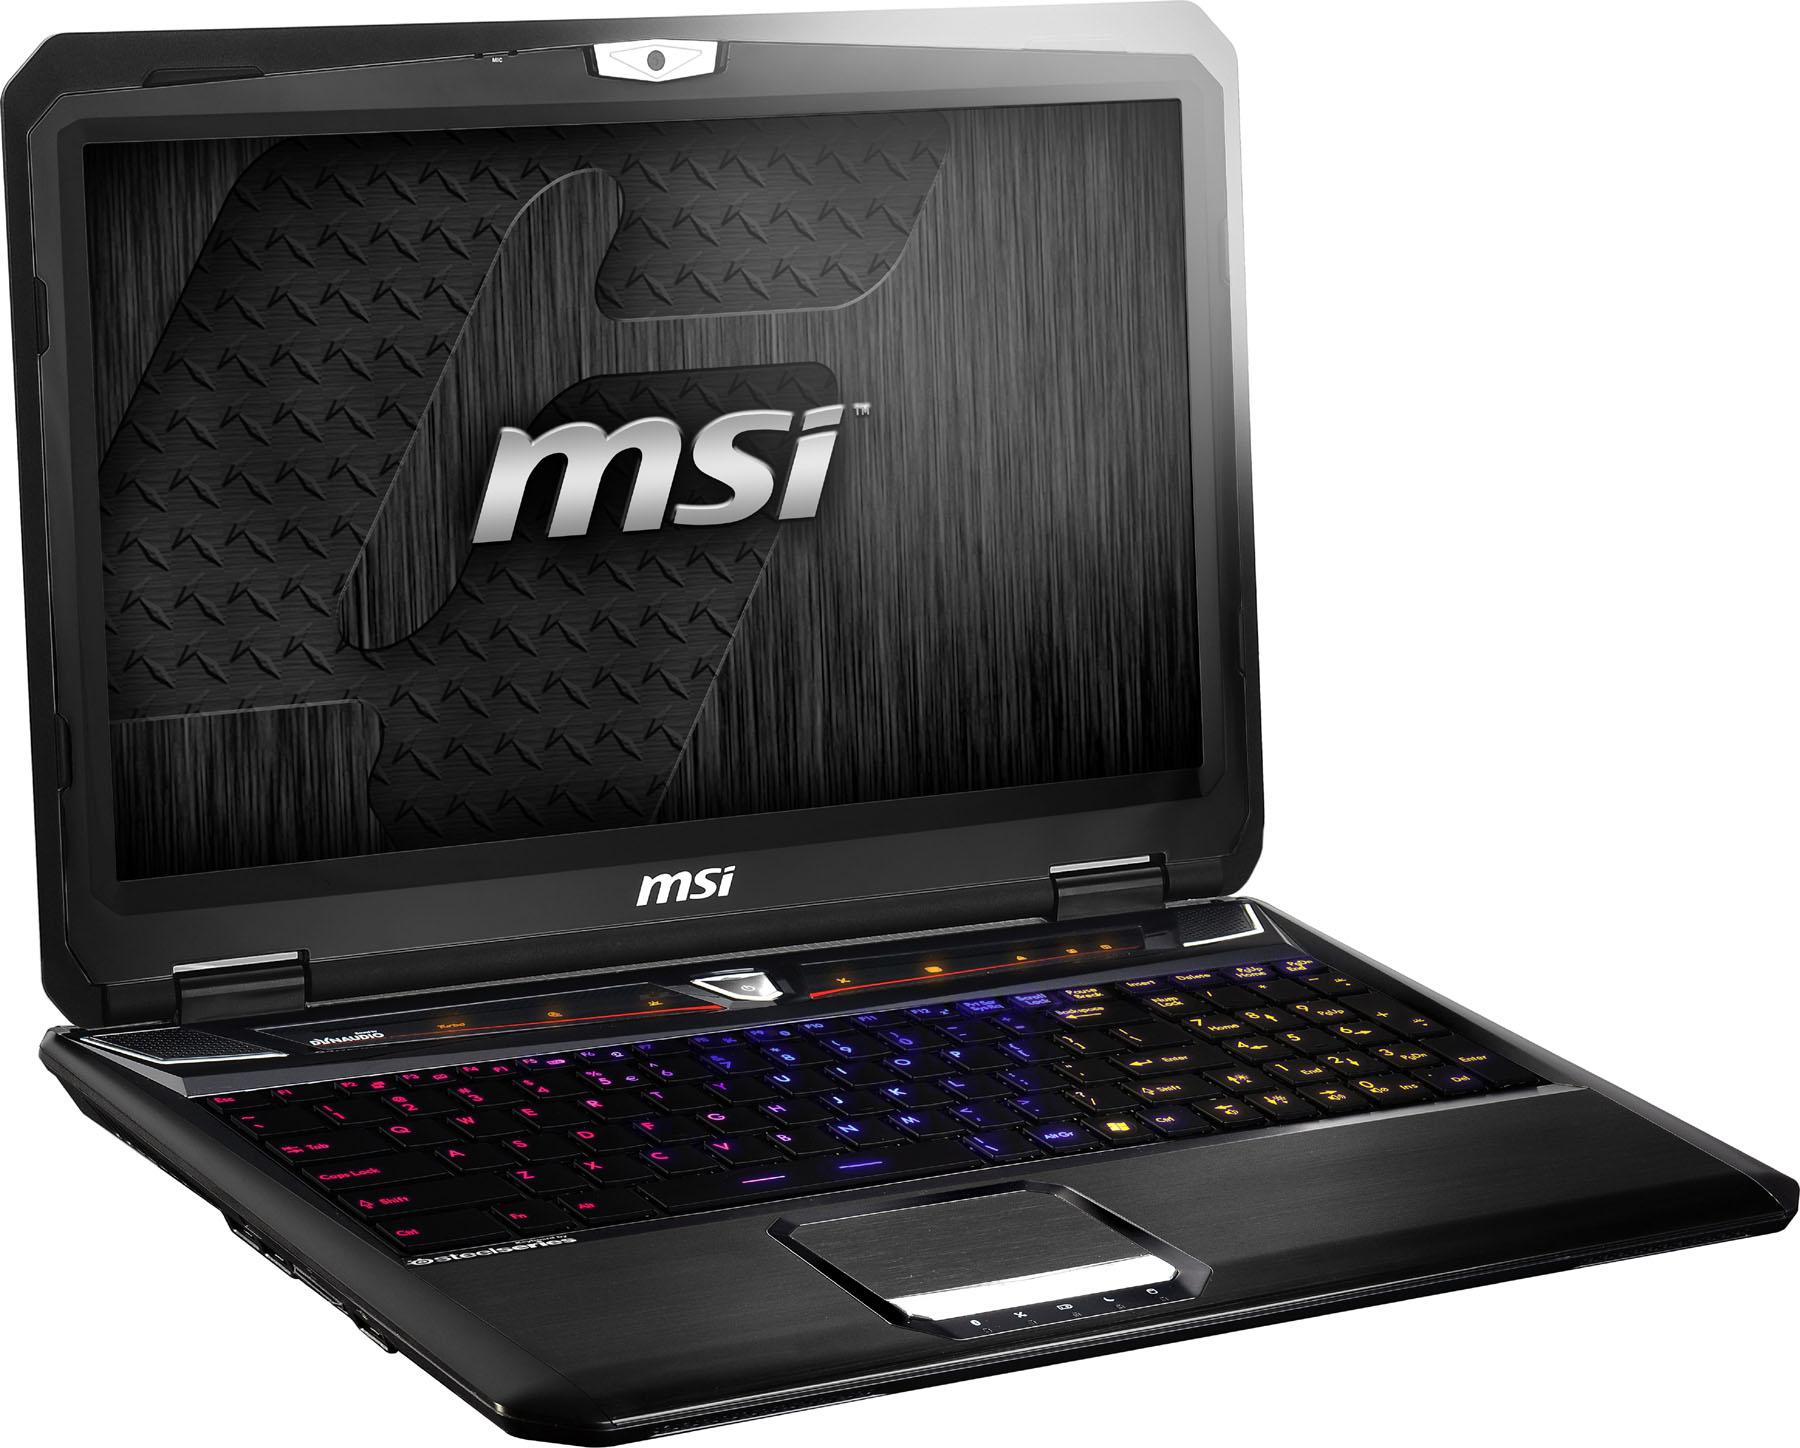 Msi gt60 0ne 262au gaming notebook with bonus steelseries for Msi international